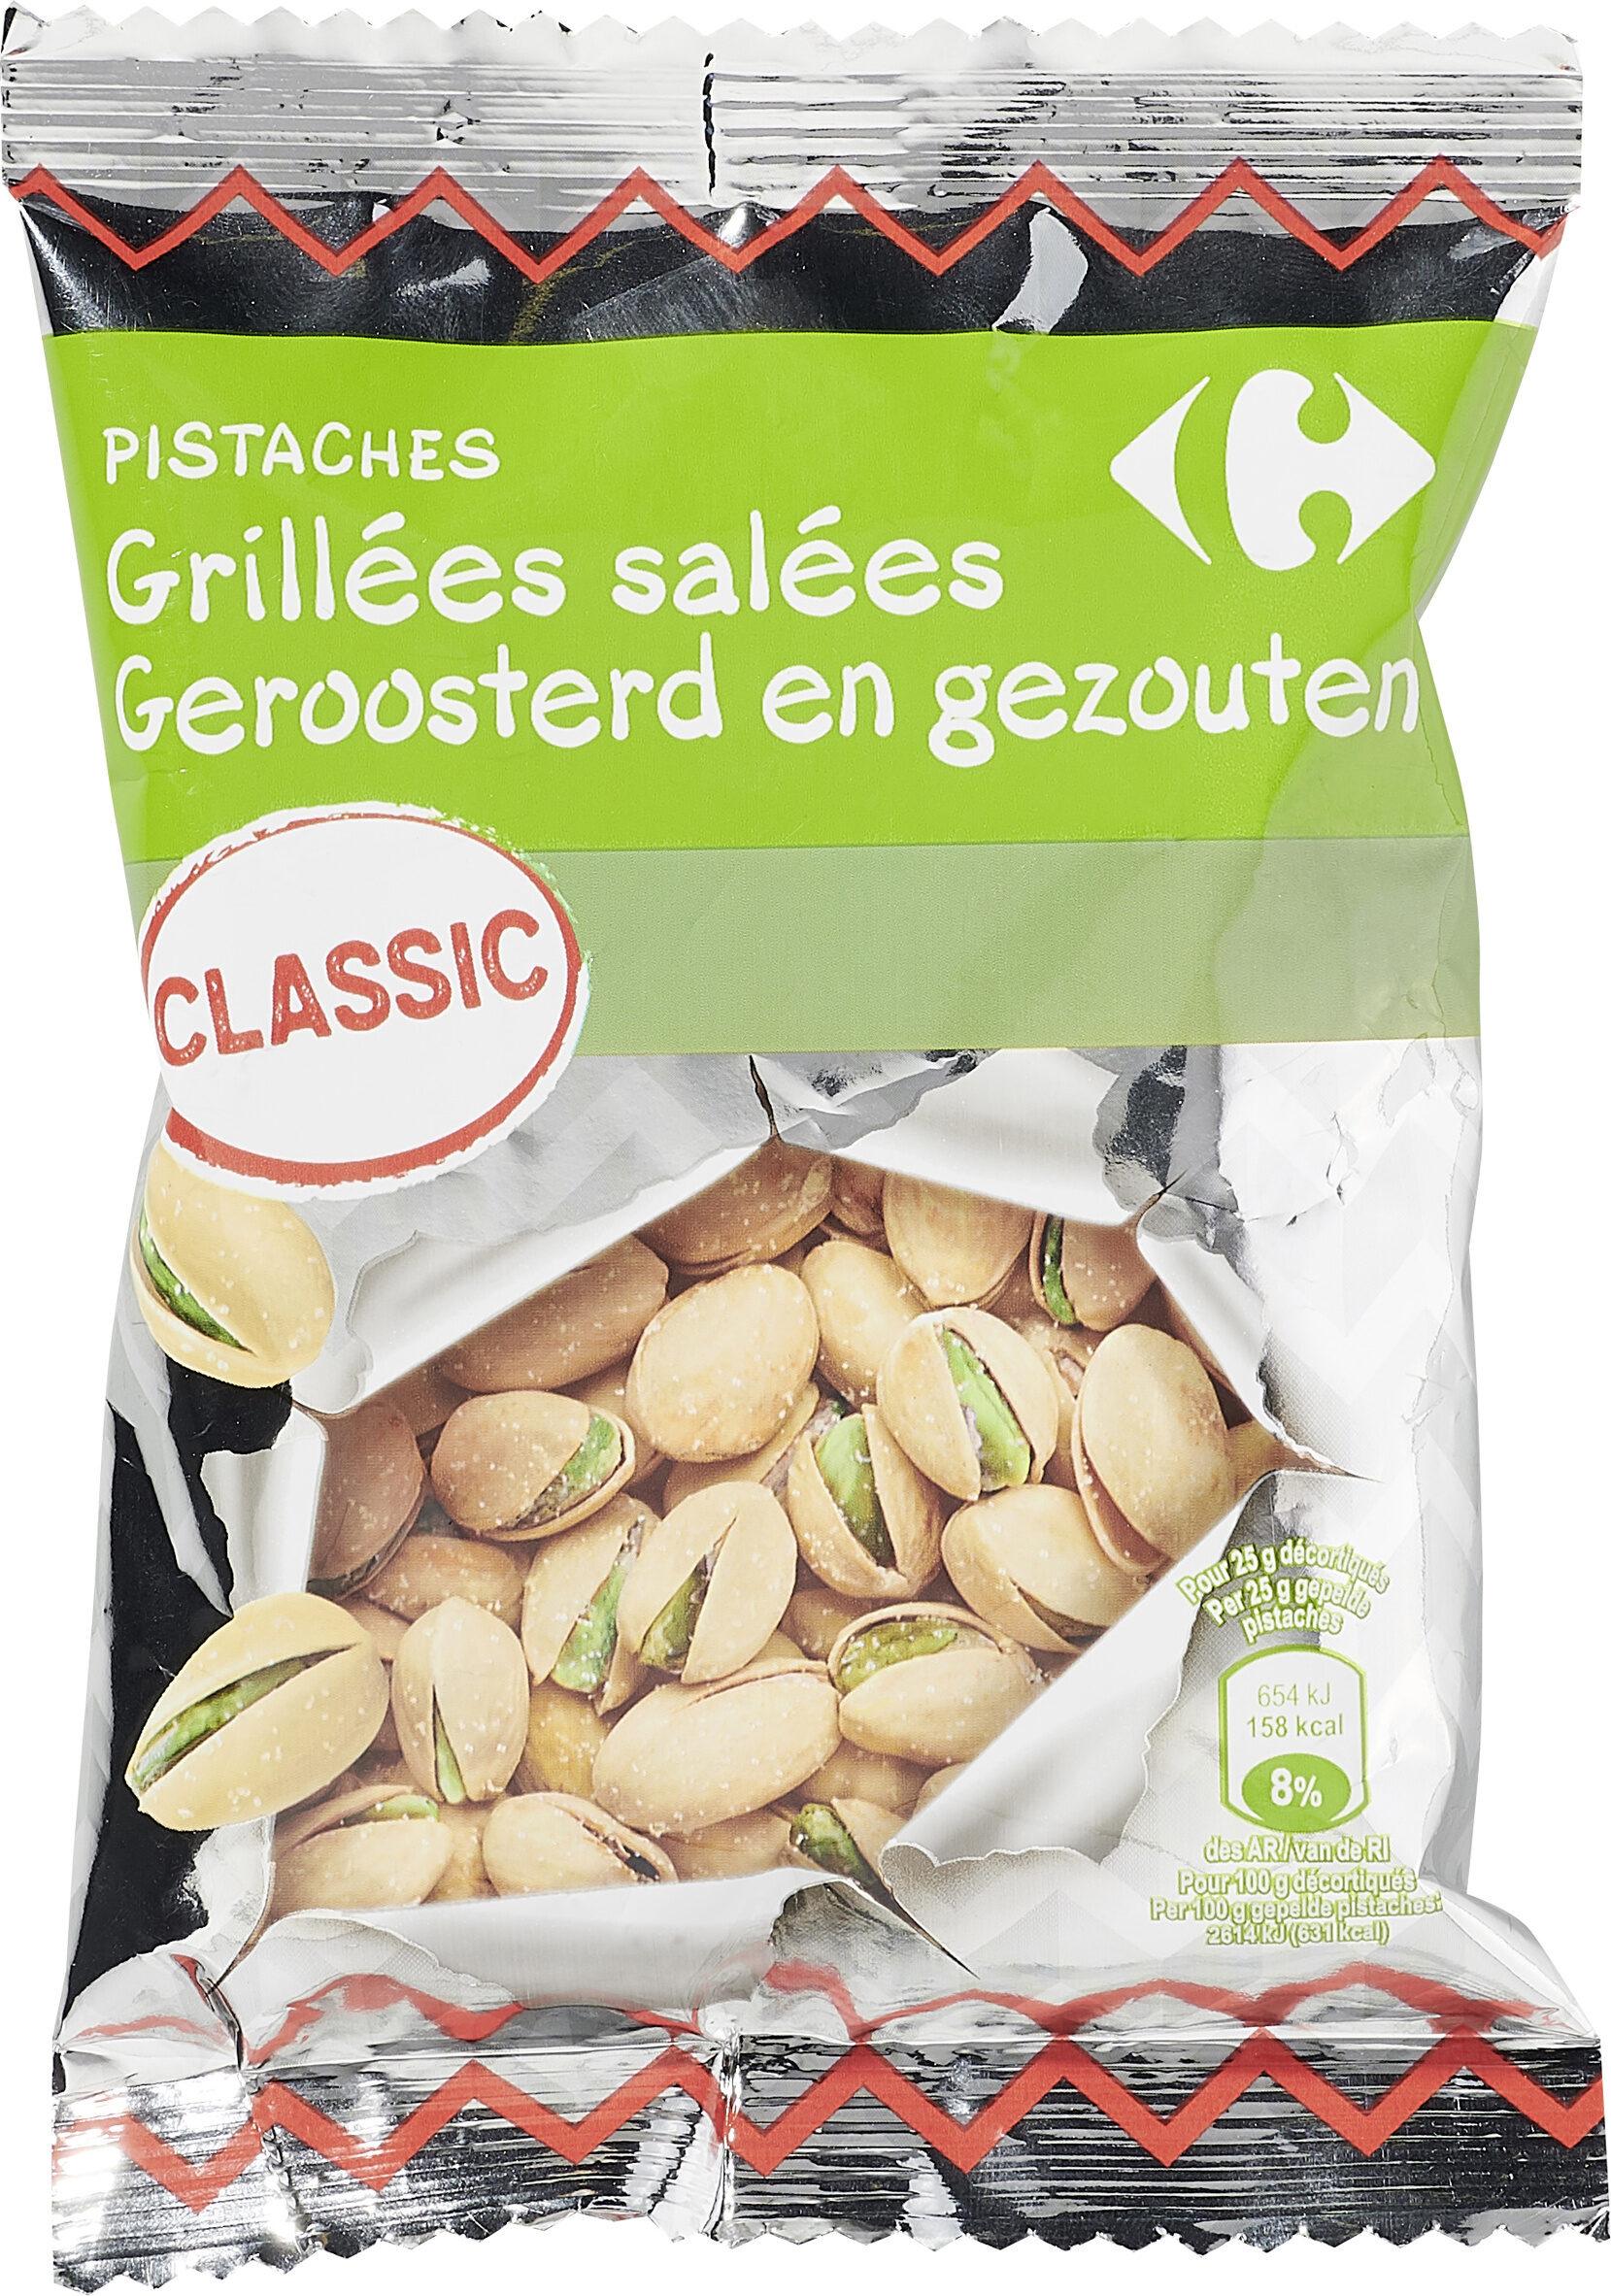 PISTACHES Grillées salées - Product - fr